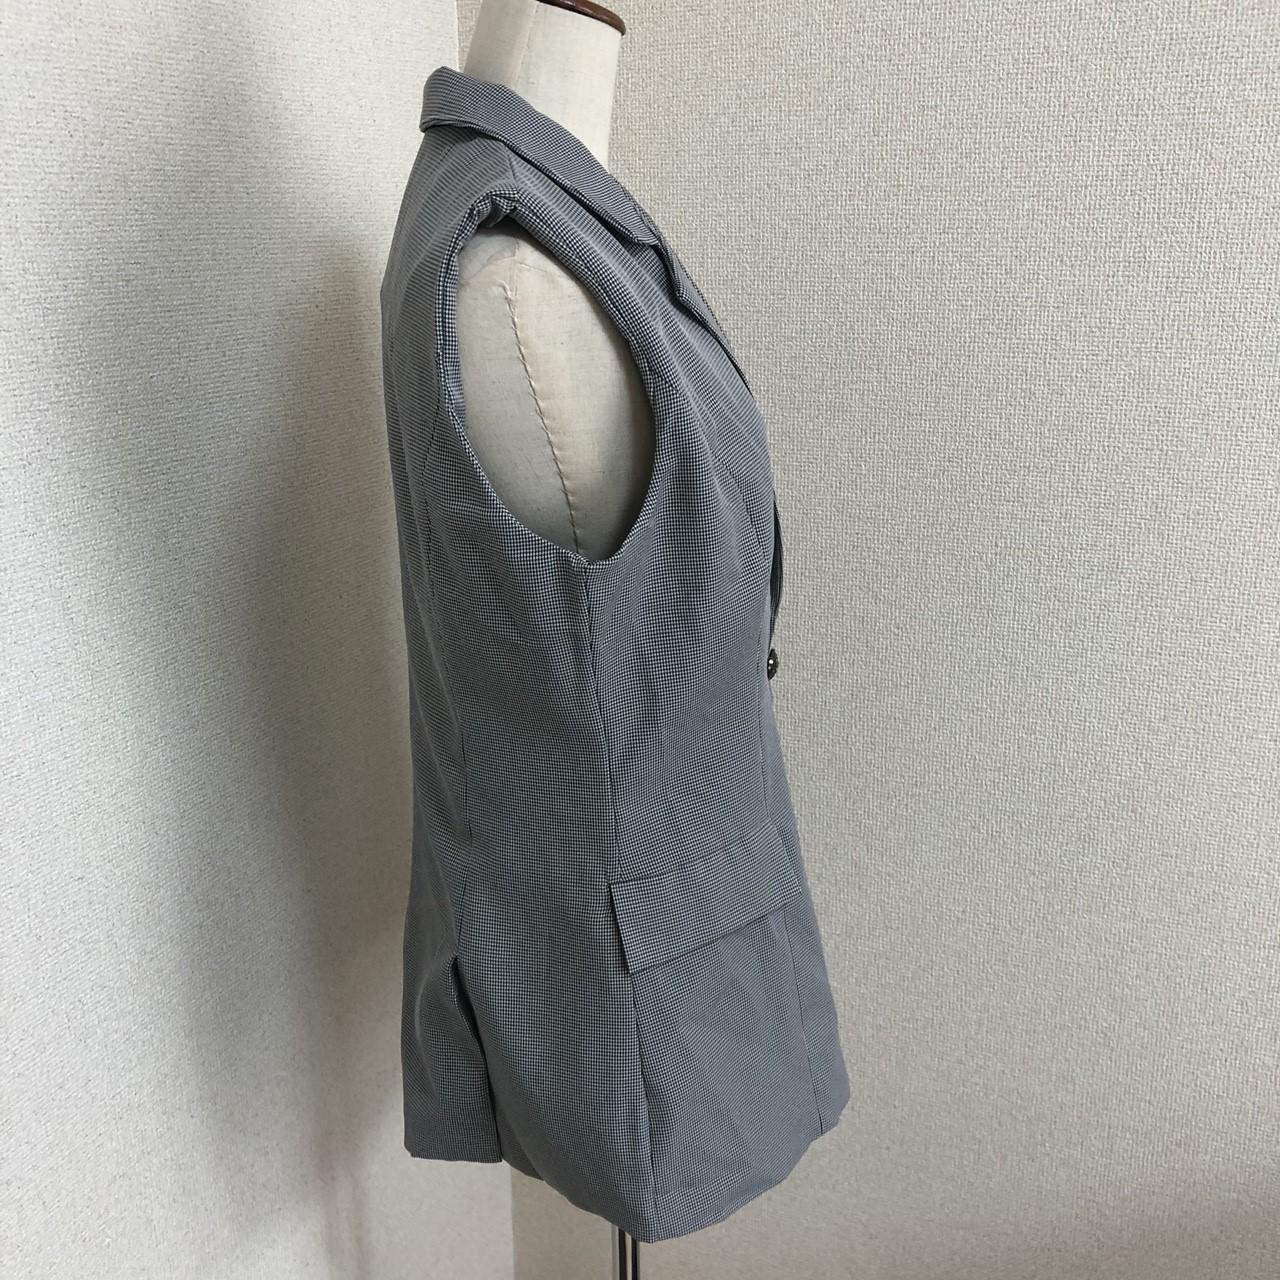 【即納】韓国 ファッション パンツ セットアップ パーティードレス 結婚式 お呼ばれドレス 春 夏 パーティー ブライダル SPTX9206  ノースリーブジャケット テーパ 二次会 セレブ きれいめの写真15枚目